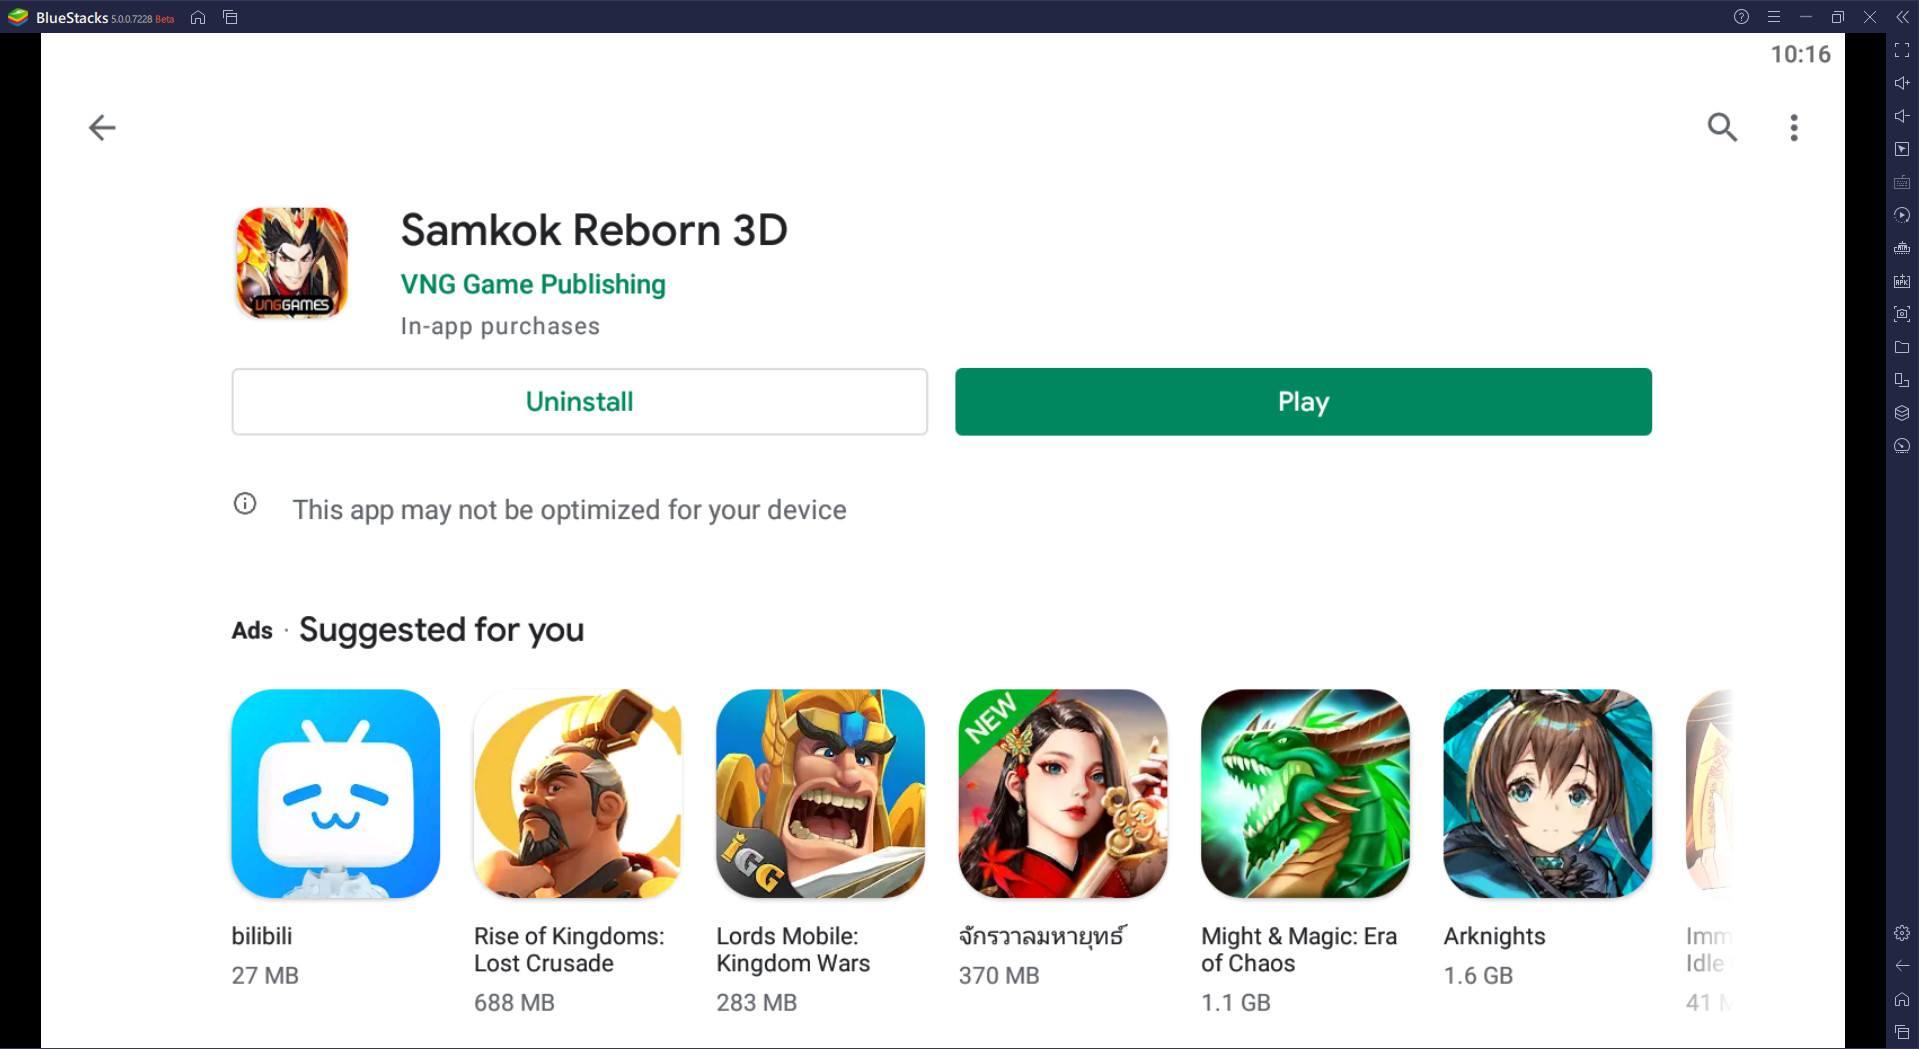 วิธีติดตั้ง Samkok Reborn 3D บน PC และ Mac ผ่าน BlueStacks